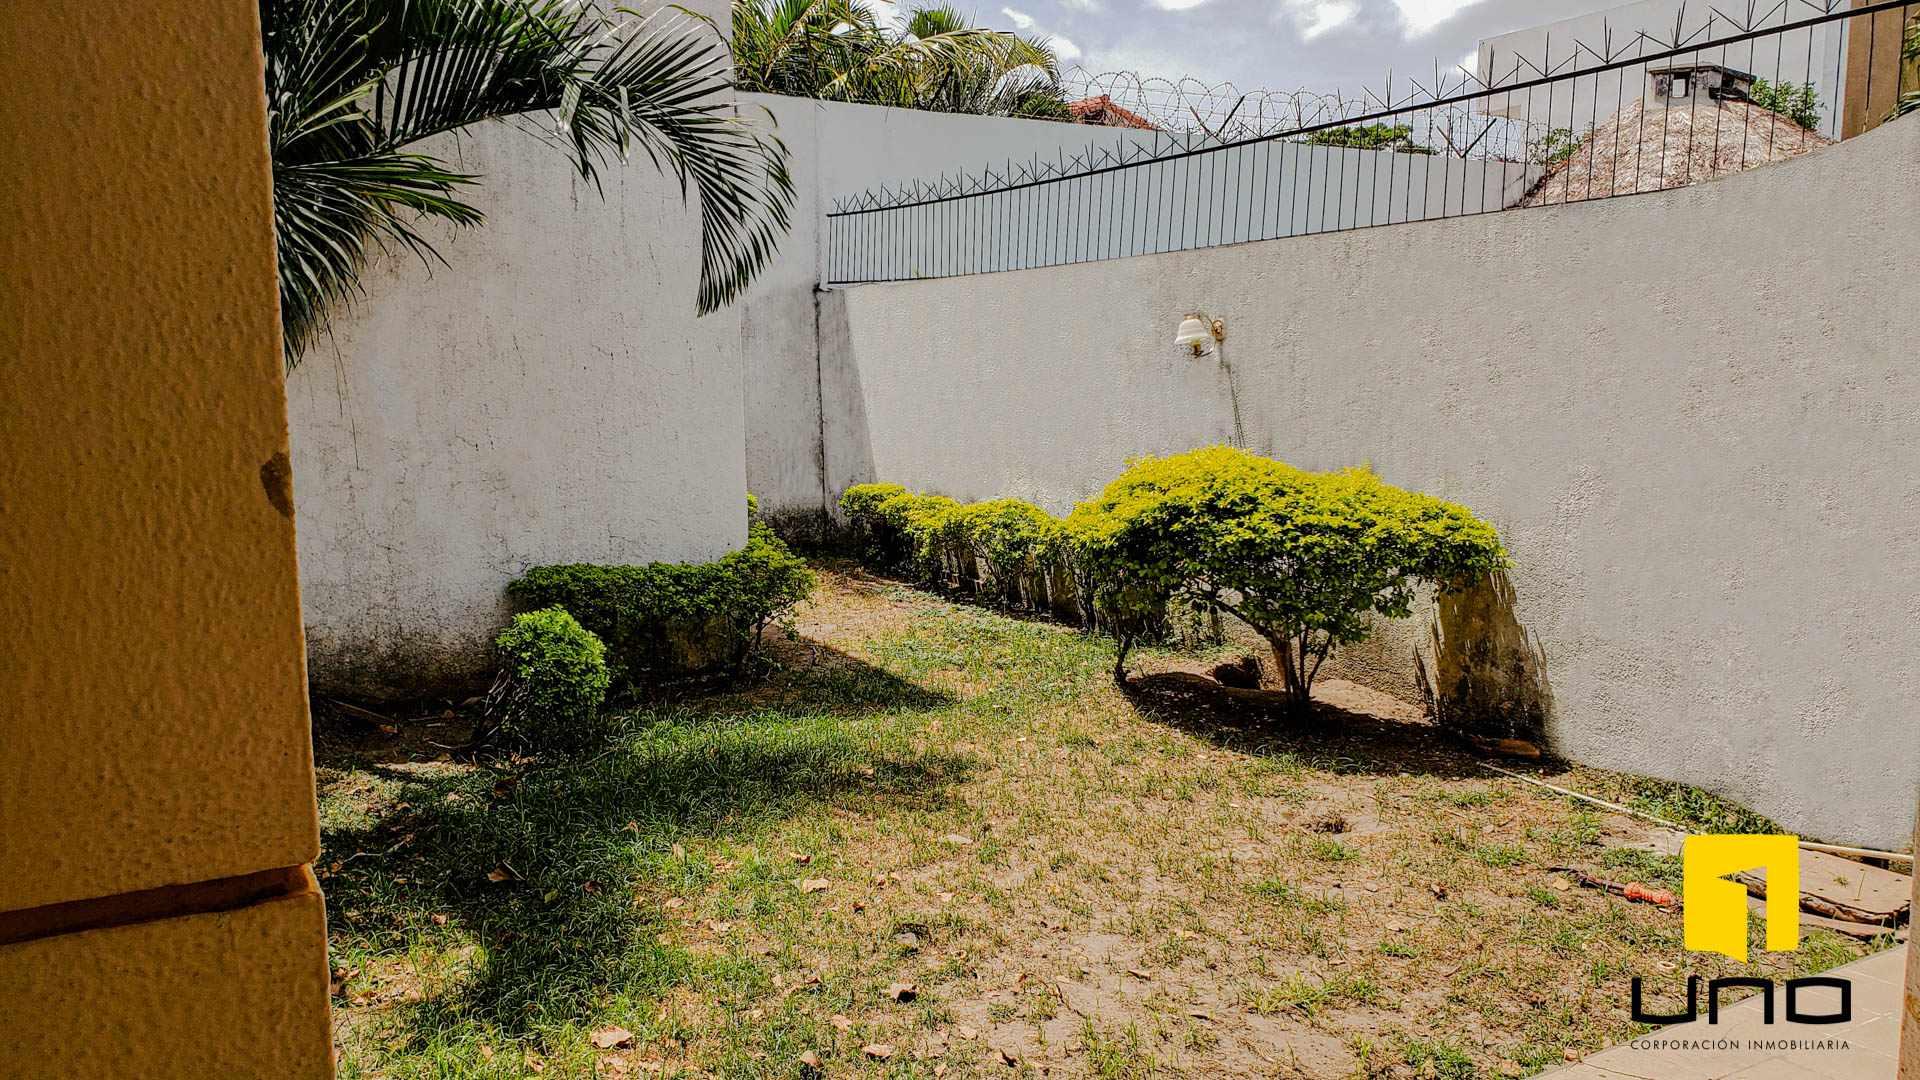 Casa en Venta $us 260.000 VENDO CASA BARRIO LAS PALMAS Foto 3